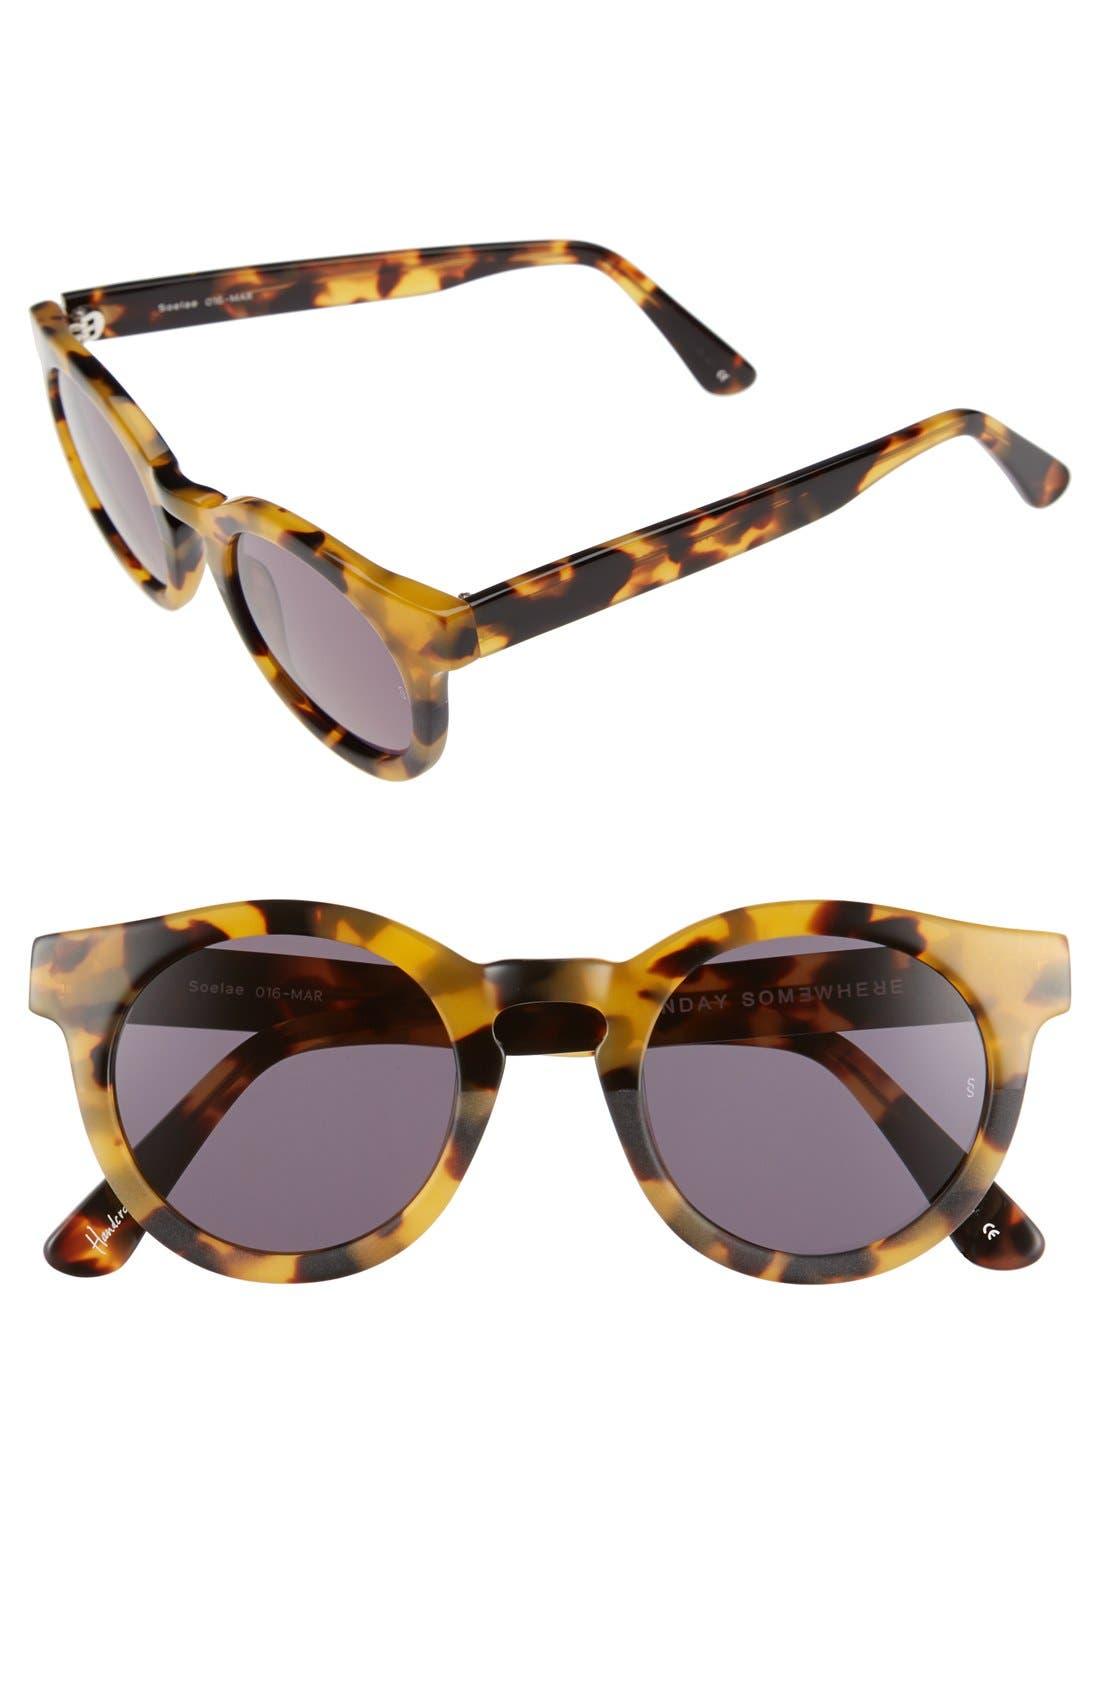 Alternate Image 1 Selected - SUNDAY SOMEWHERE 'Soelae' 46mm Round Sunglasses